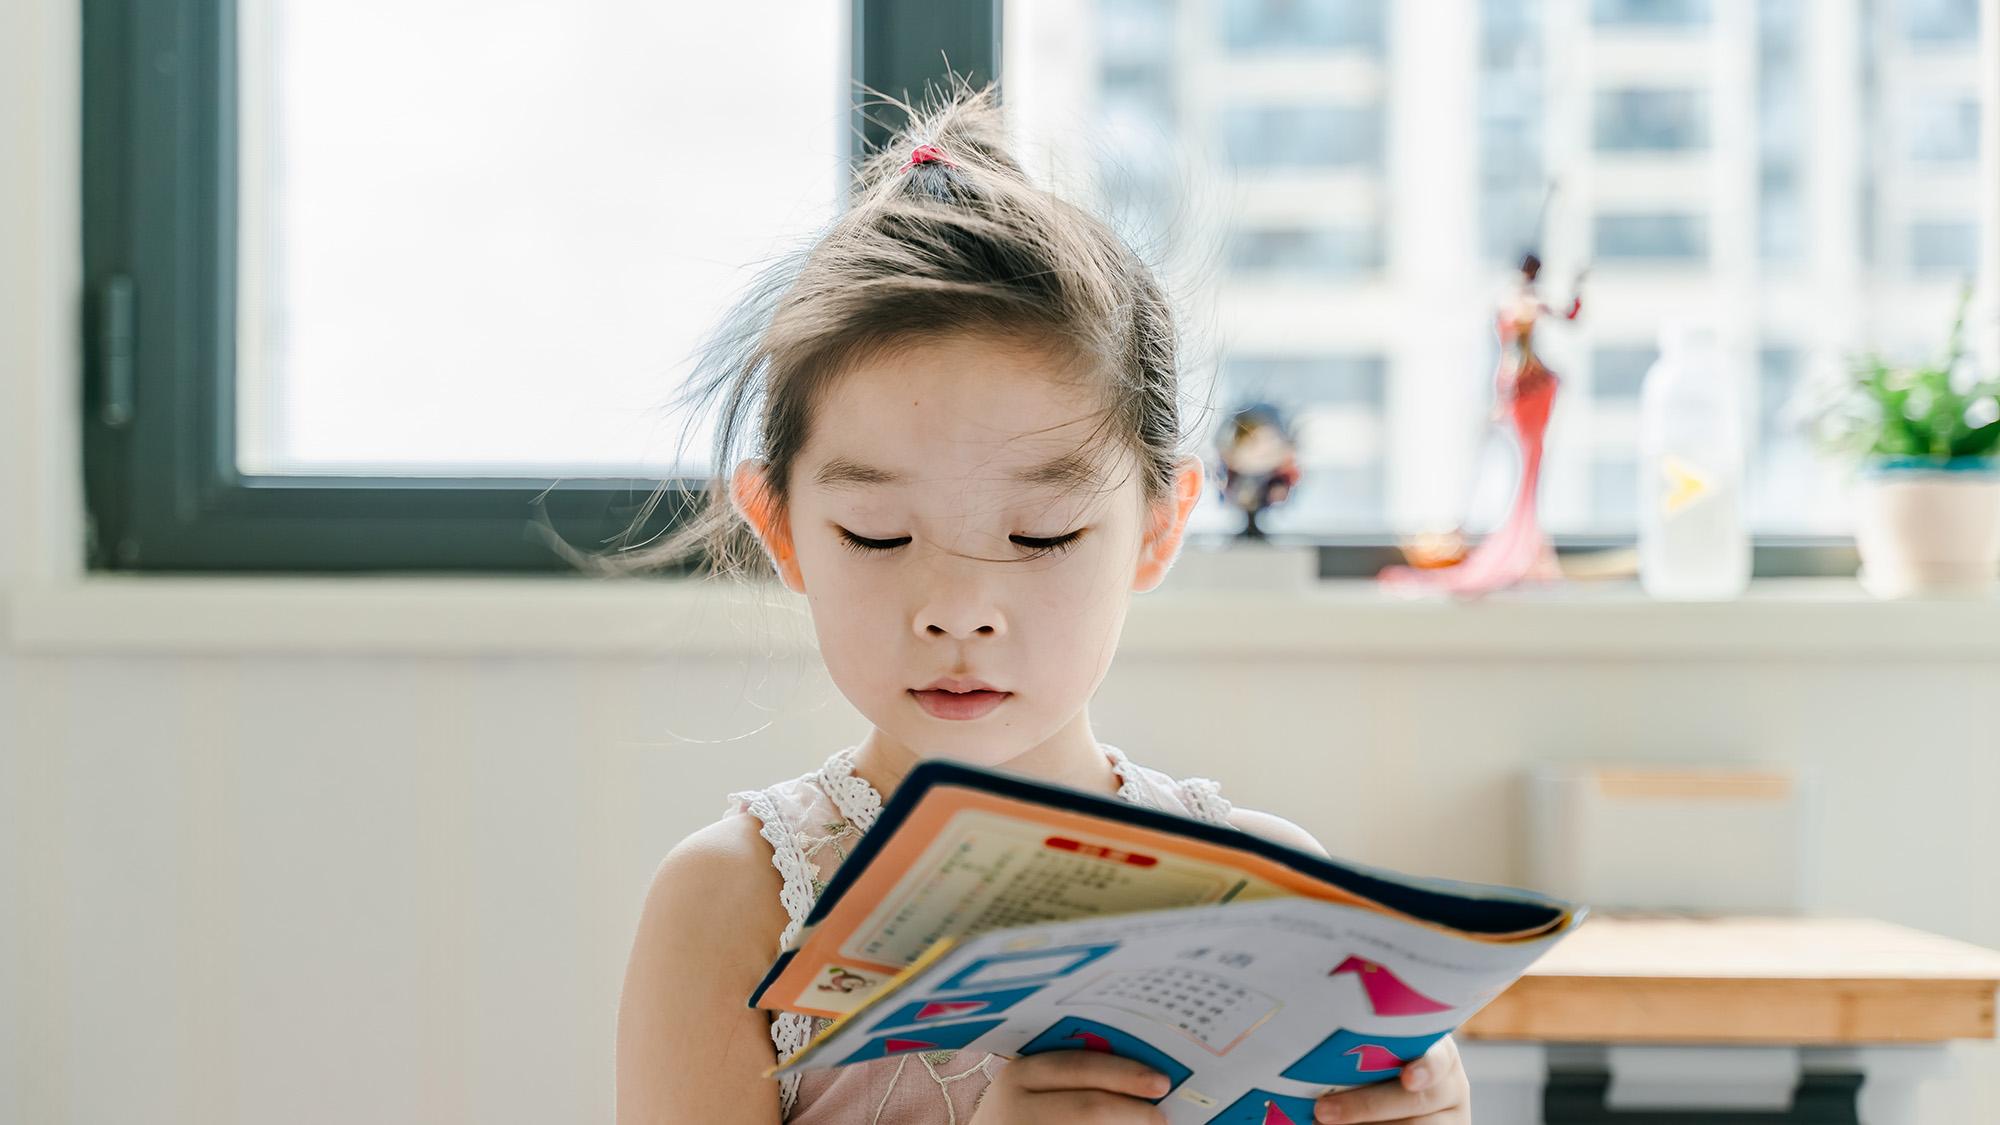 El TDAH y el empeoramiento en la memoria de los niños y niñas podría estar asociado. Imagen de Jerry Wang para Unsplash